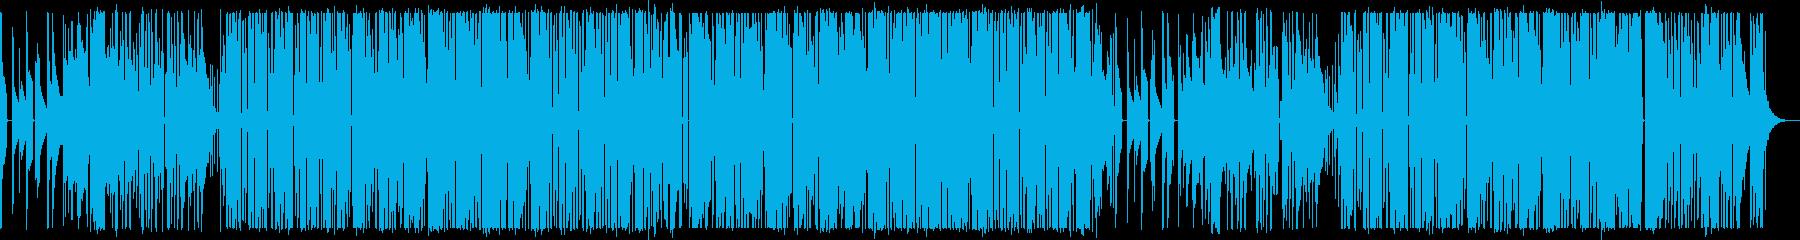 ゆったりした時間を過ごすイメージ・シンセの再生済みの波形